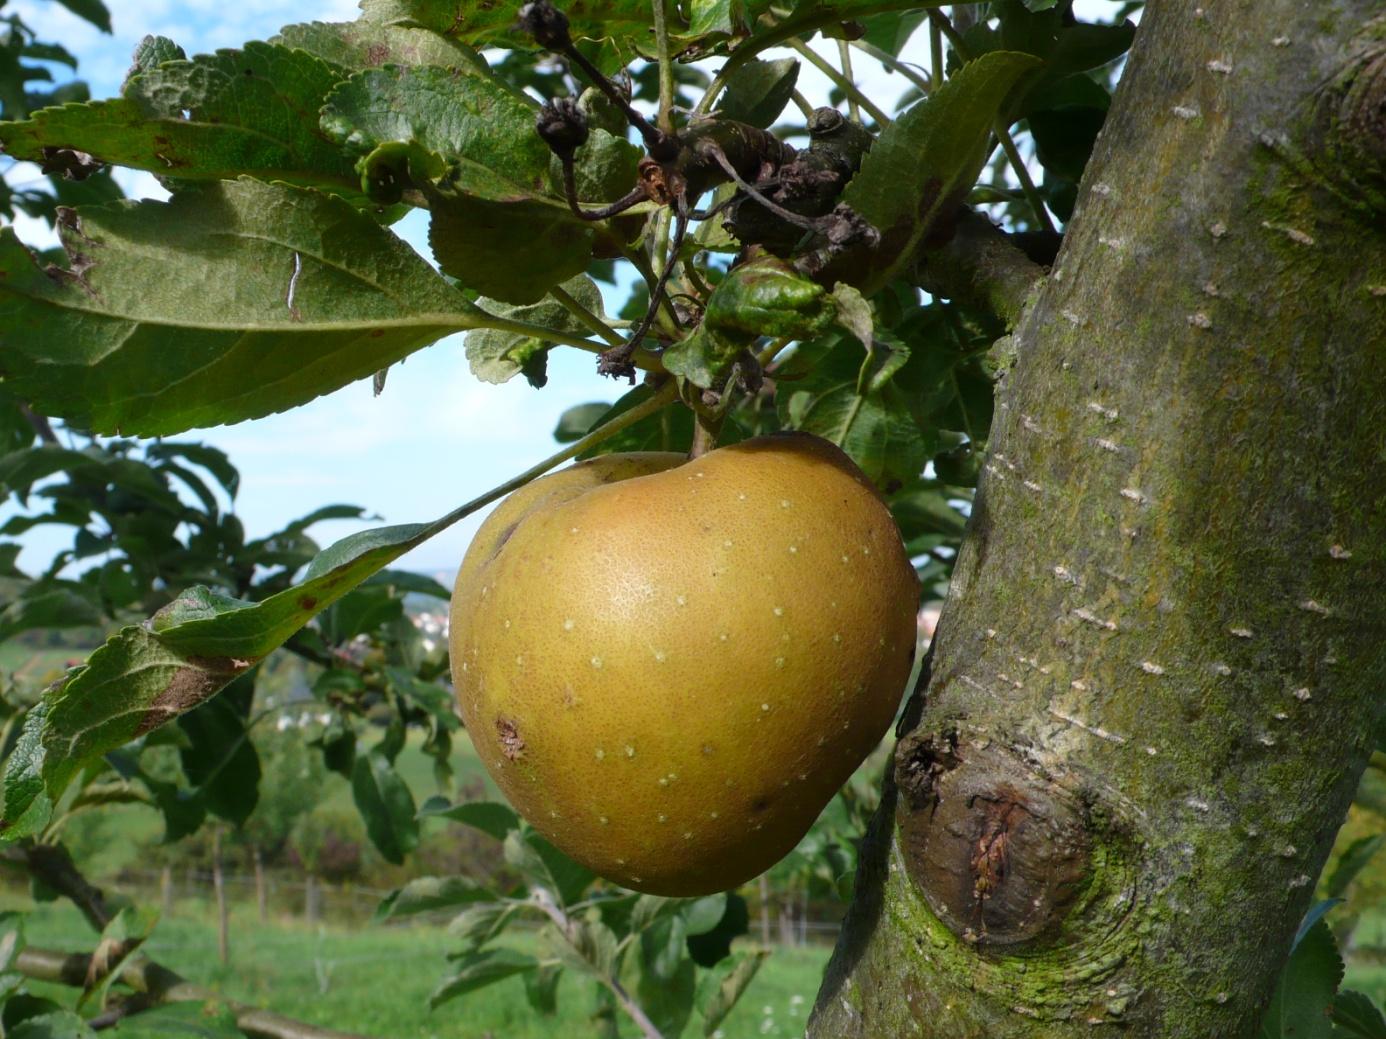 C:\Users\Hans\BUND, Naturschutz\Biotoppflege, Fotos\OW, Sorte Graue Herbstrenette (3).JPG